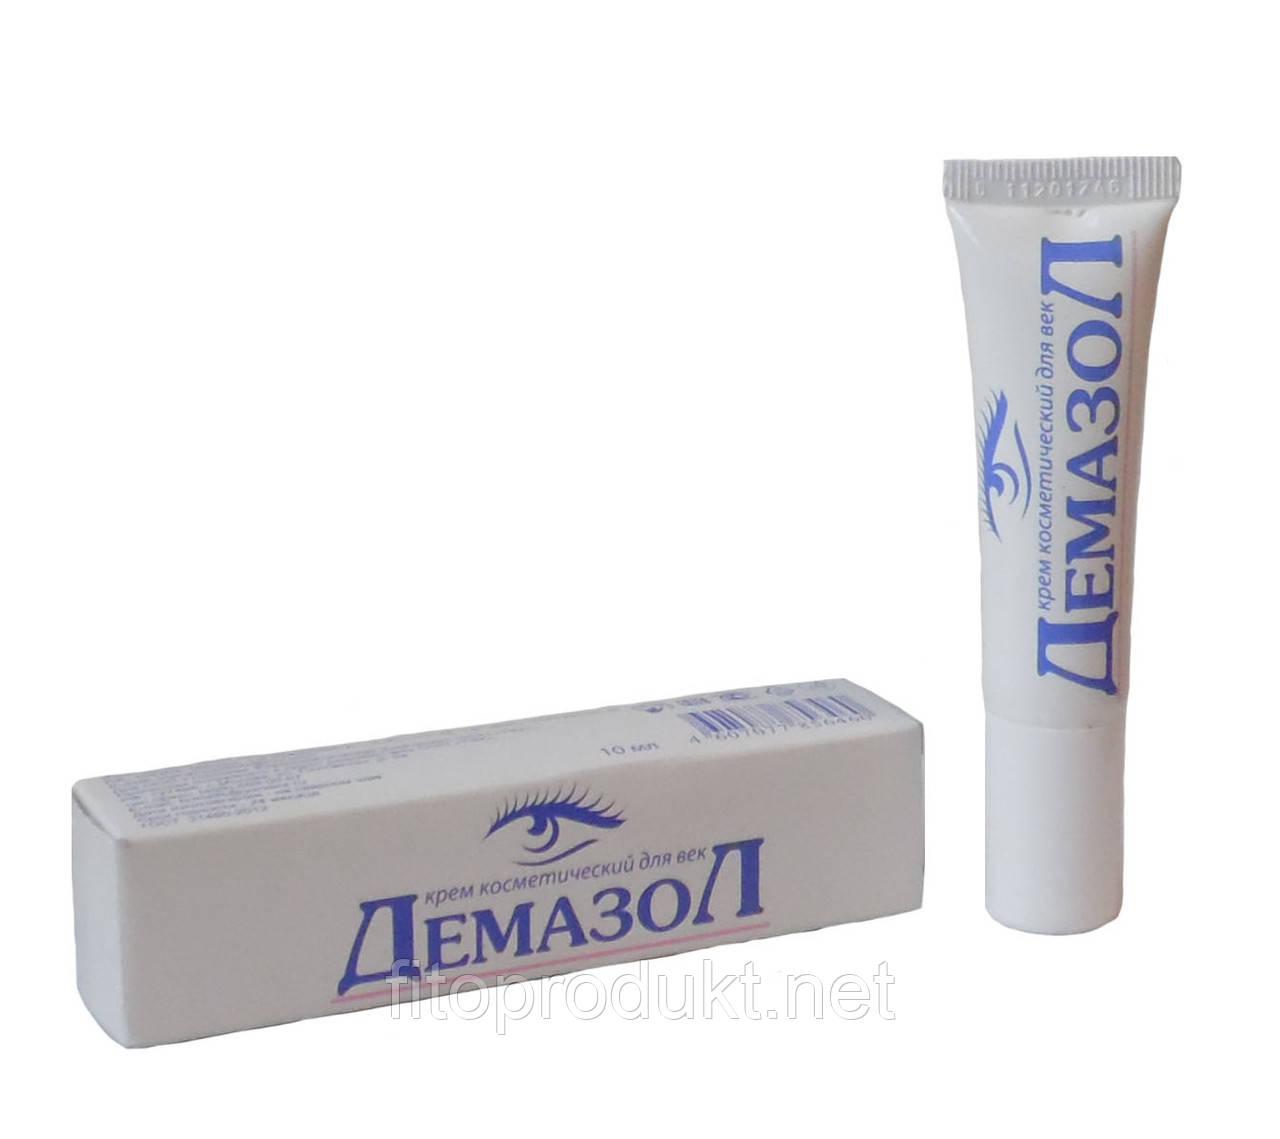 Демазол крем косметический для век 10 мл